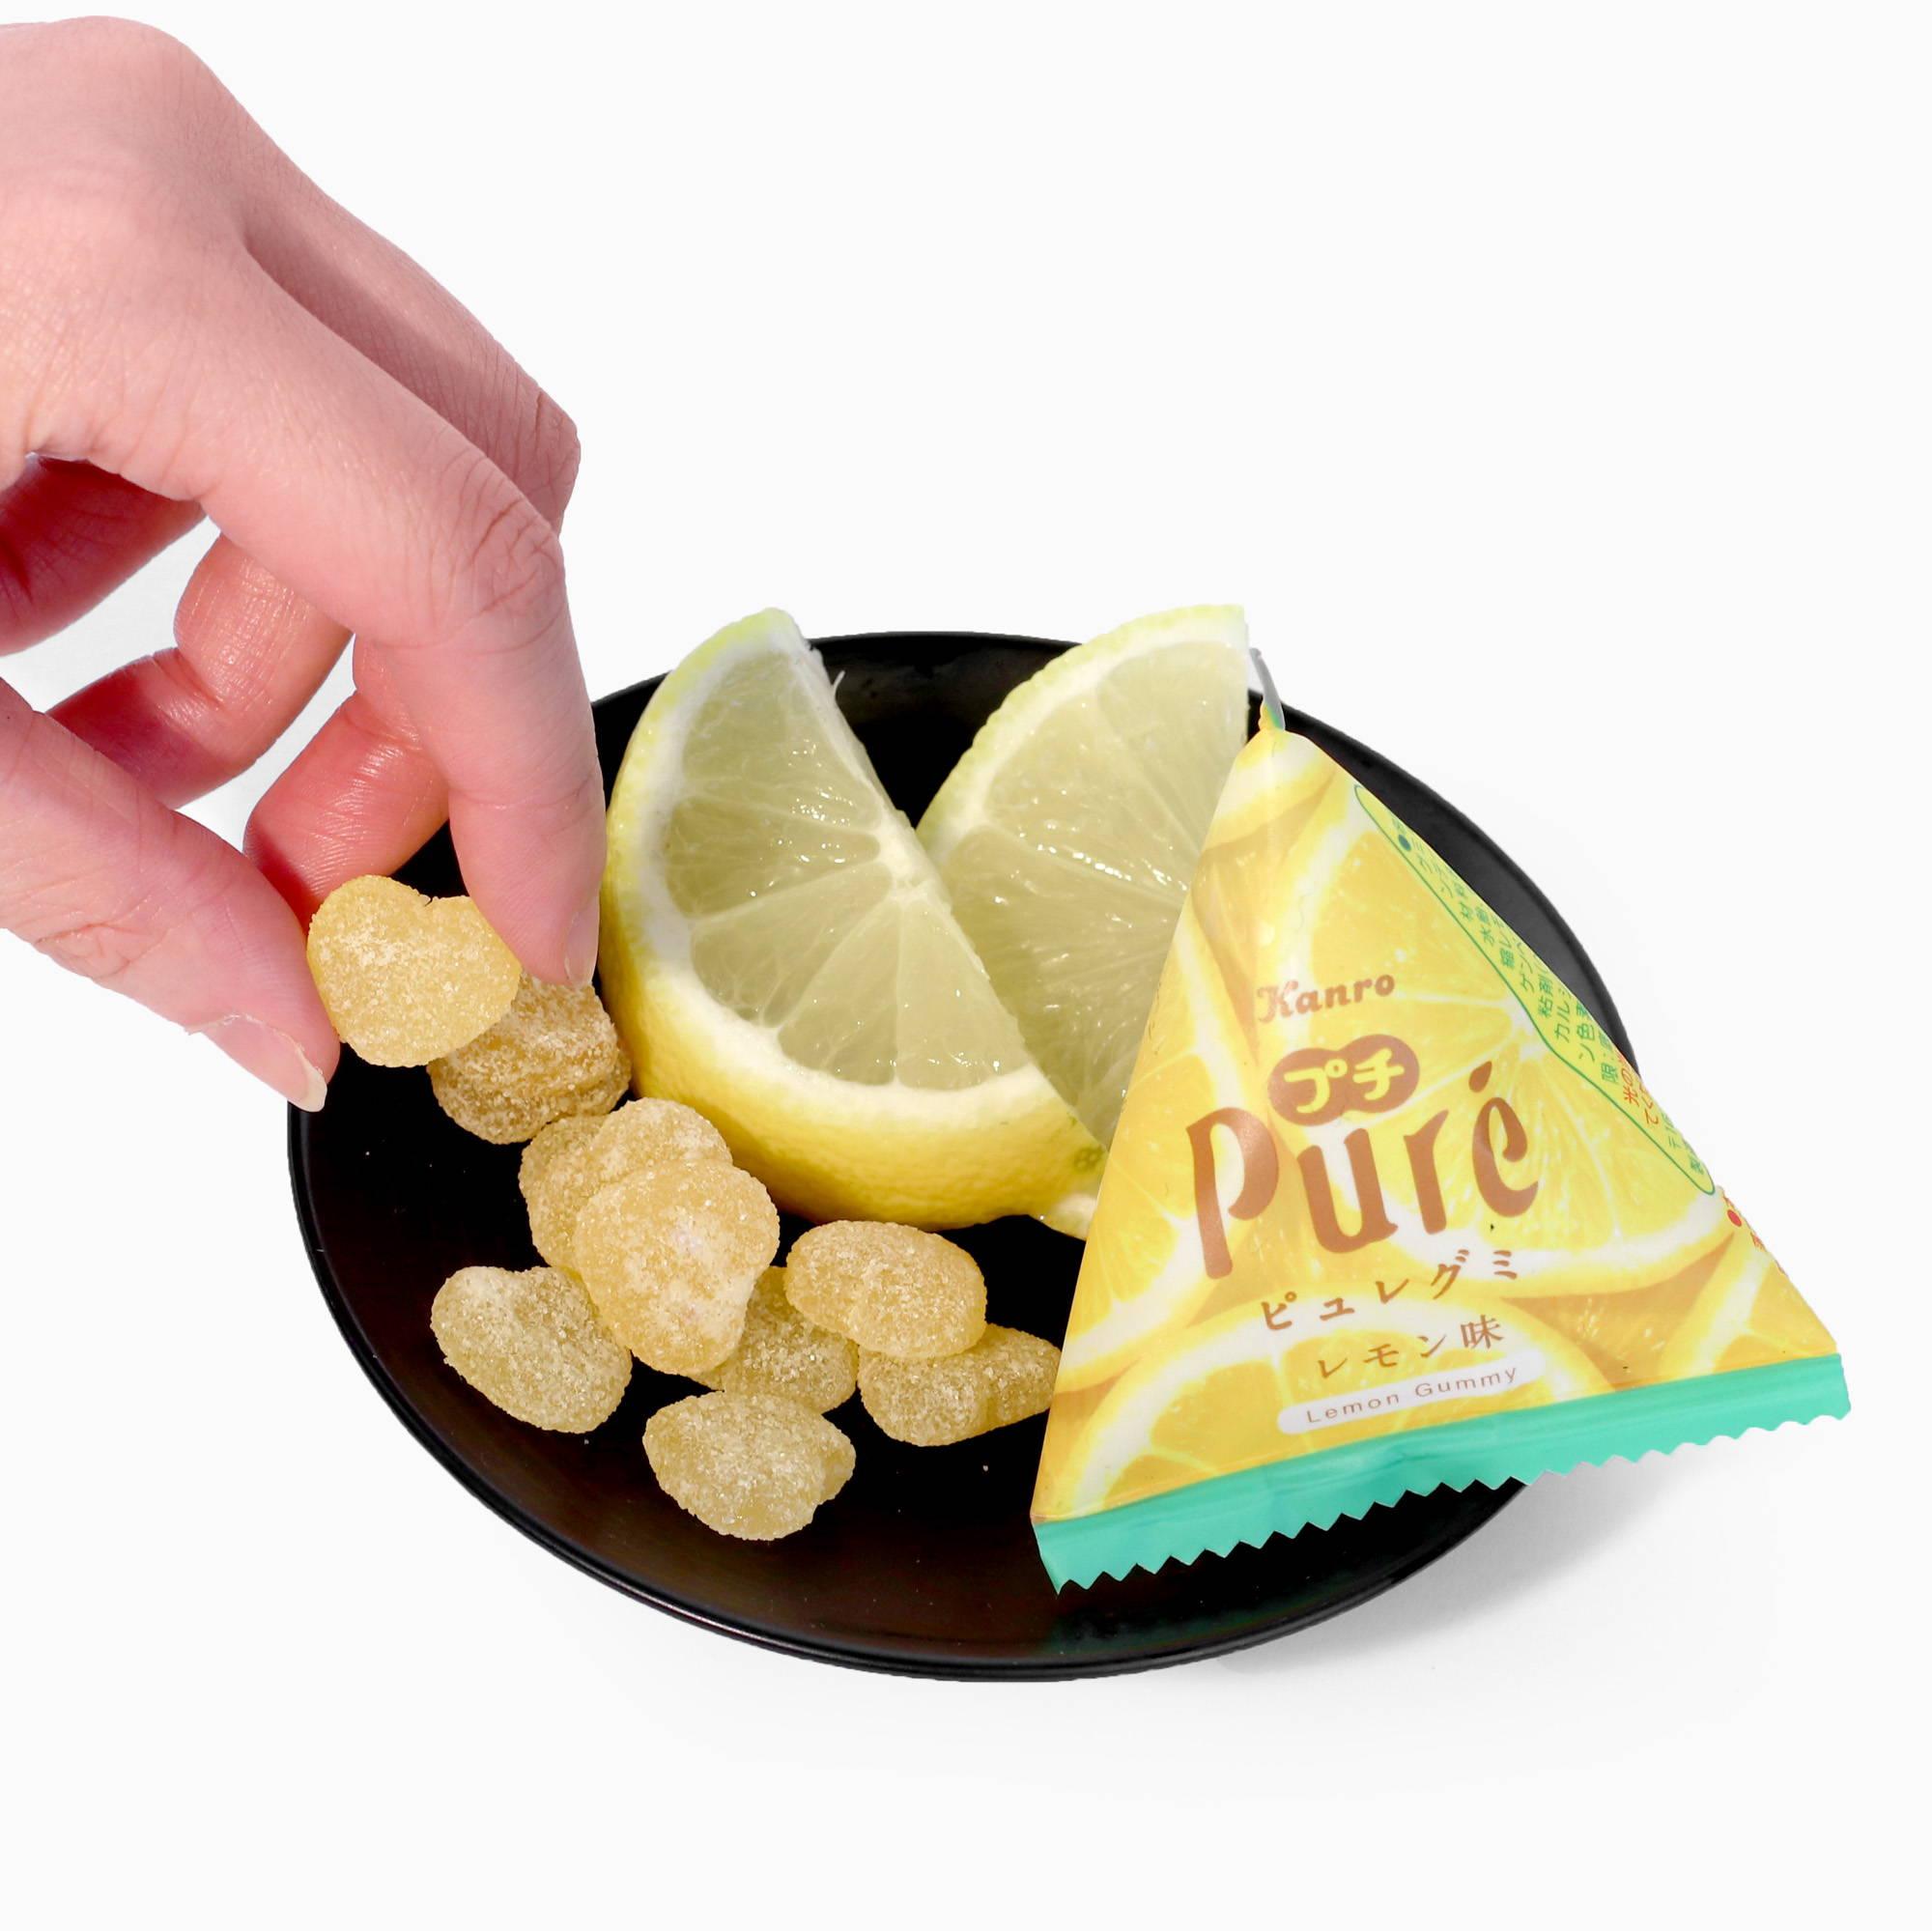 Puré Gummy Petite: Lemon Flavor